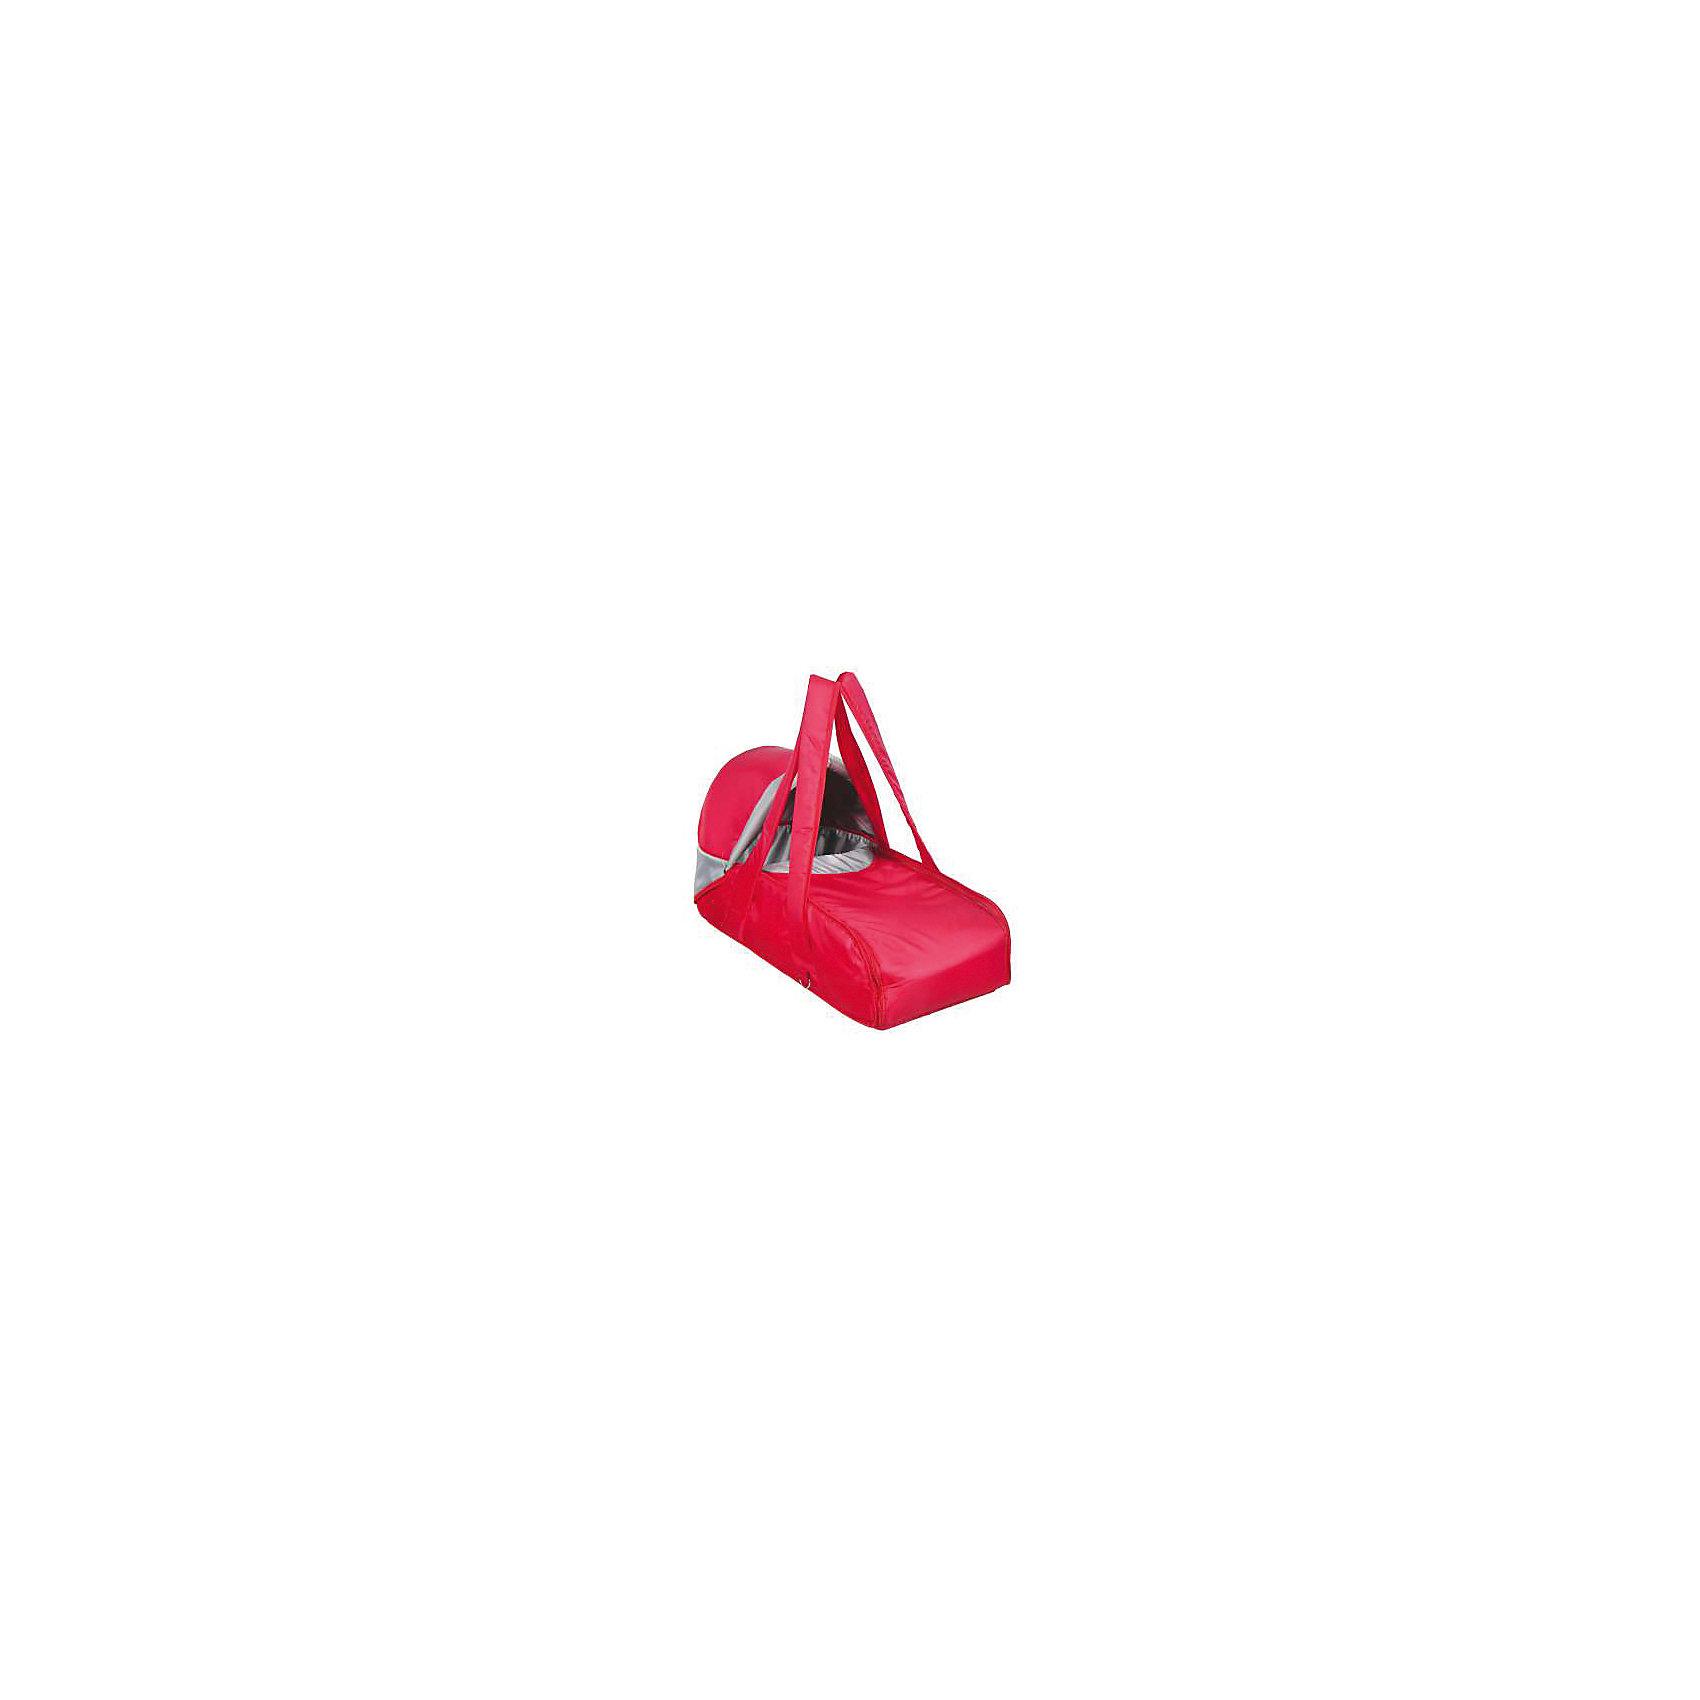 Переносная люлька-кокон, Фея, красныйСлинги и рюкзаки-переноски<br>Характеристики товара:<br><br>• возраст с рождения;<br>• материал: полиэстер;<br>• в комплекте: люлька, съемный капюшон, плечевой ремень;<br>• размер люльки 67х29х35 см;<br>• жёсткое основание<br>• защитный съёмный капюшон<br>• две боковые молнии<br>• мягкие ручки<br>• остёгивающийся плечевой ремень на карабинах<br>• вес 1 кг;<br>• страна производитель: Россия.<br><br>Переносная люлька-кокон Фея красная предназначена для переноски новорожденного и подойдет родителям, которые часто проводят время в поездках. <br><br>Люльку можно использовать самостоятельно, а также устанавливать на любую коляску для новорожденных. Плотный полог с высокими бортиками и съемный капюшон защищают кроху от осадков и холодного ветра. <br><br>На пологе расположены 2 молнии, которые облегчают процесс укладывания малыша в люльку. Твердое основание люльки обеспечивает правильного развитие хрупкого детского позвоночника. Для переноски предусмотрены ручки и плечевой ремень.<br><br>Переносную люльку-кокон Фея красную можно приобрести в нашем интернет-магазине.<br><br>Ширина мм: 670<br>Глубина мм: 290<br>Высота мм: 350<br>Вес г: 1000<br>Возраст от месяцев: 0<br>Возраст до месяцев: 12<br>Пол: Унисекс<br>Возраст: Детский<br>SKU: 5610158